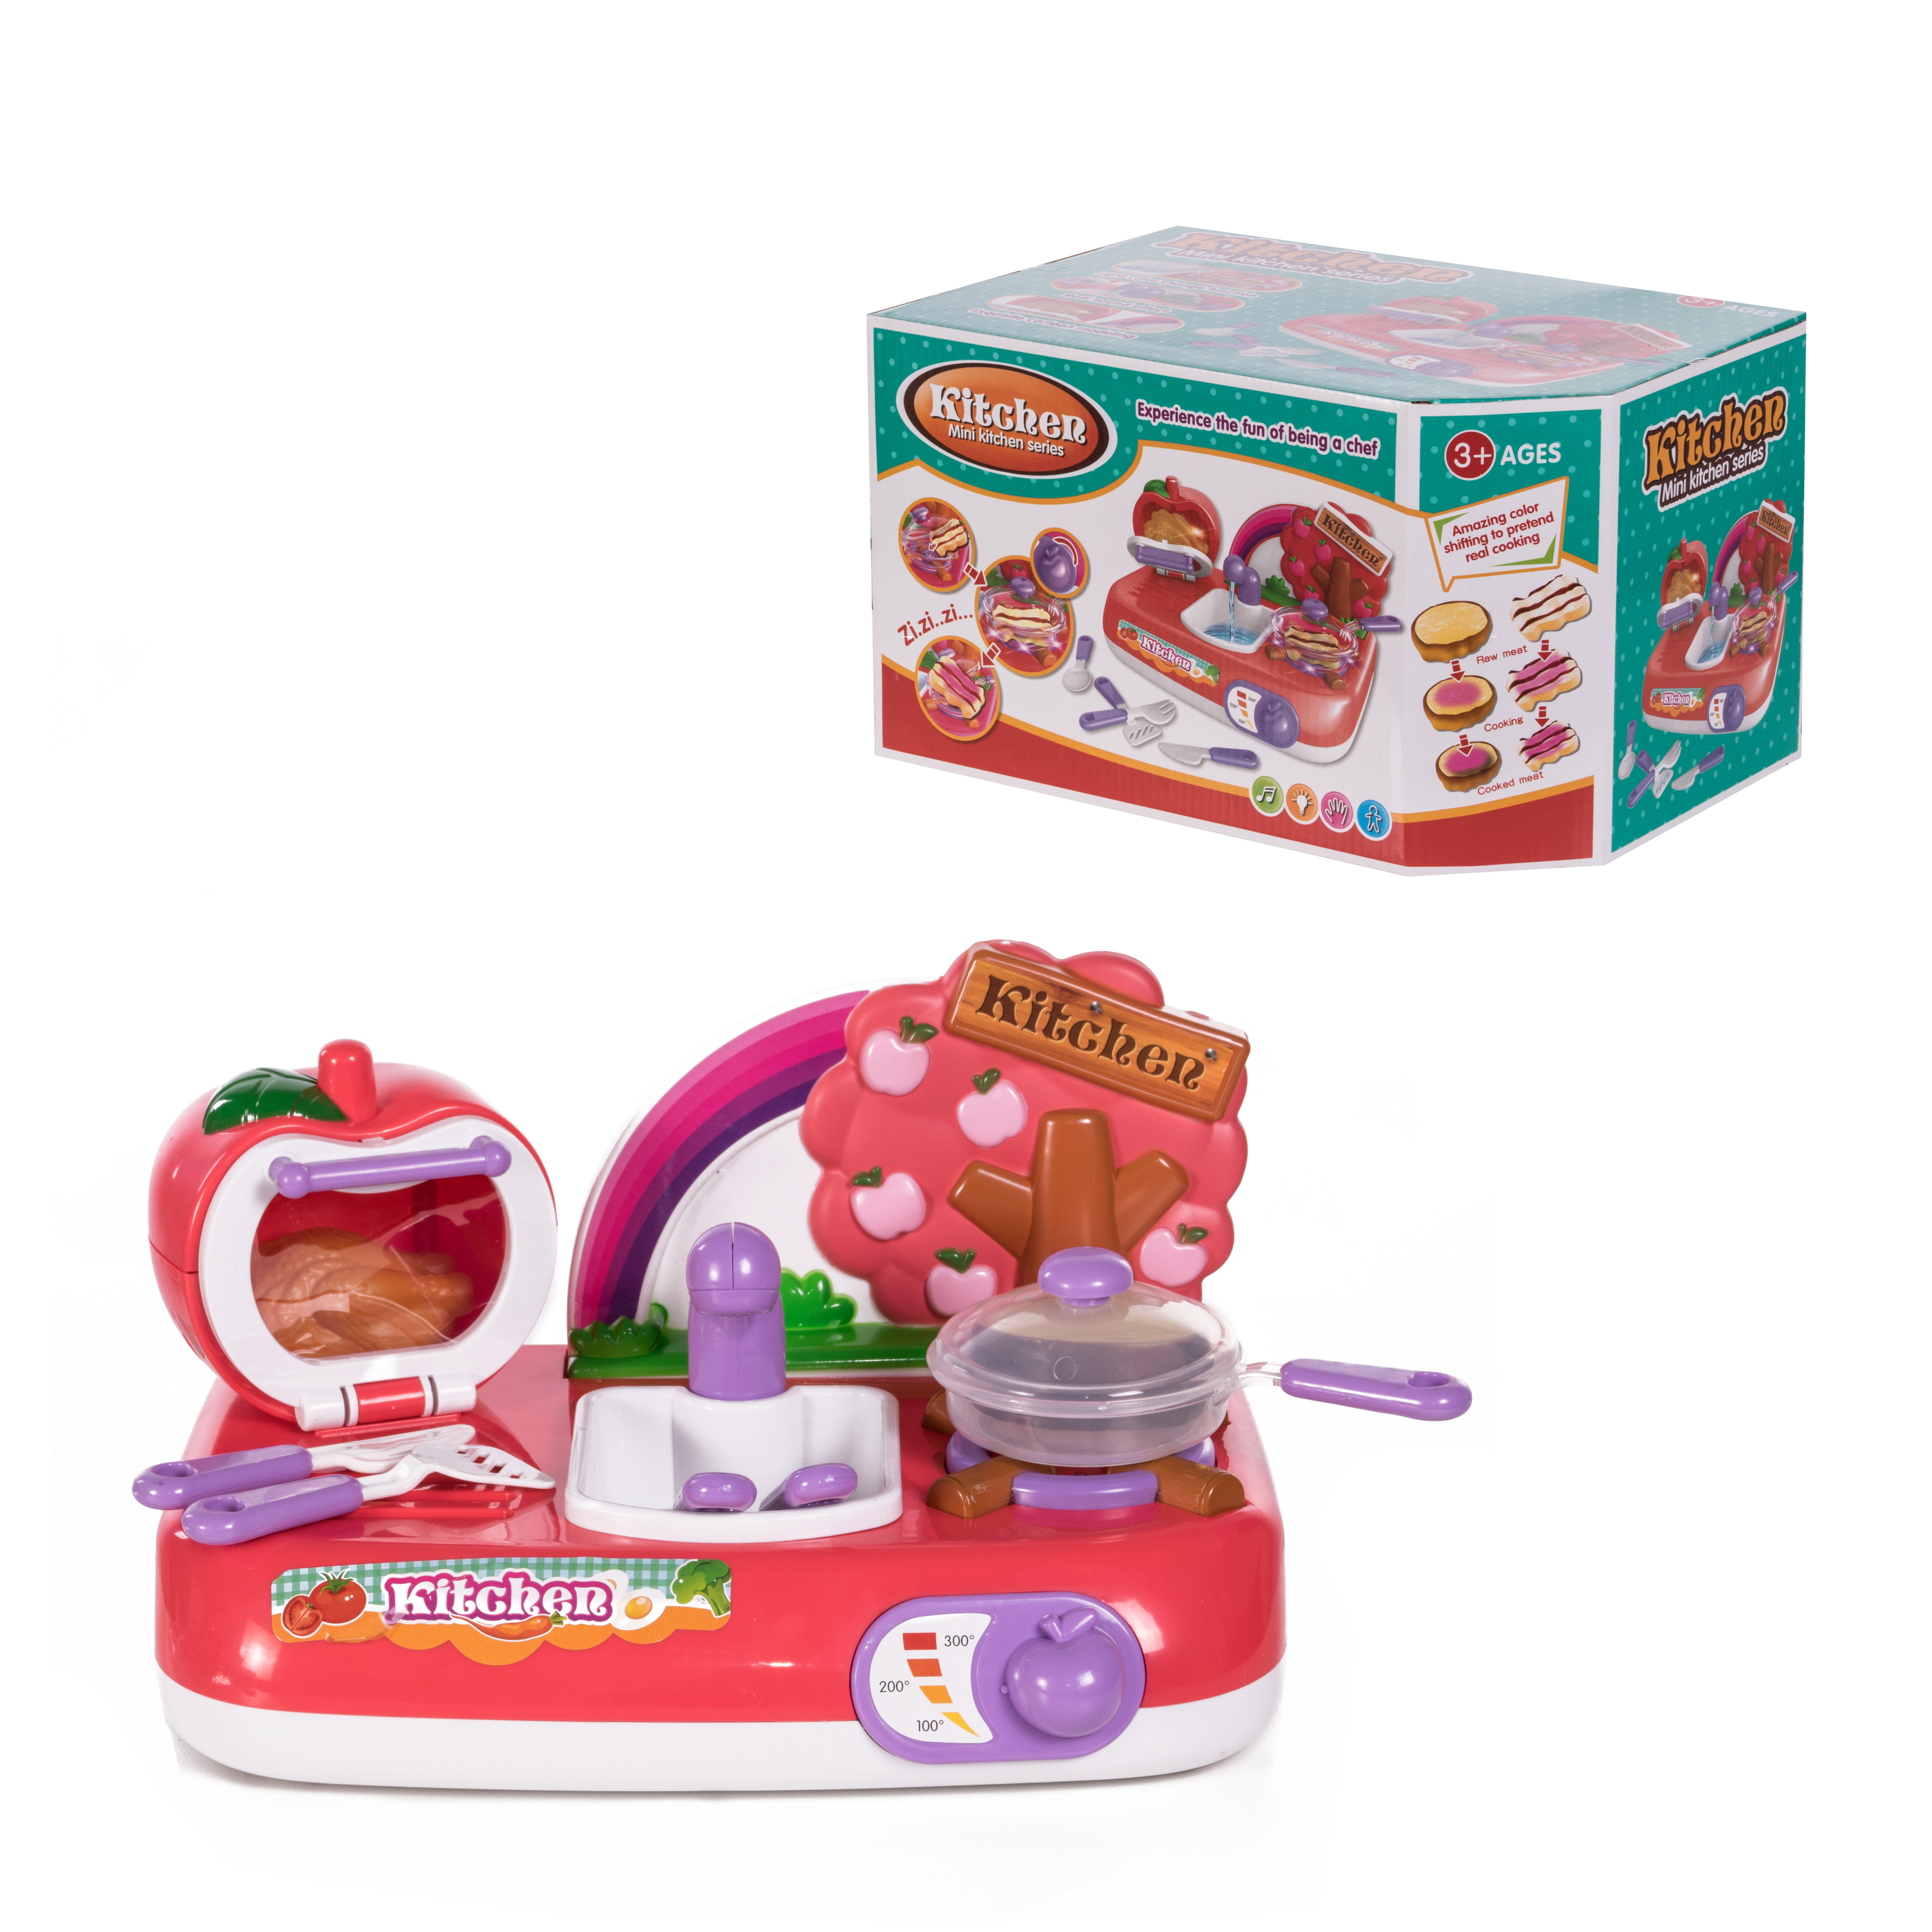 Kitchen Детский игровой набор Кухня ABC-397656 детский игровой набор sega zoobles 55